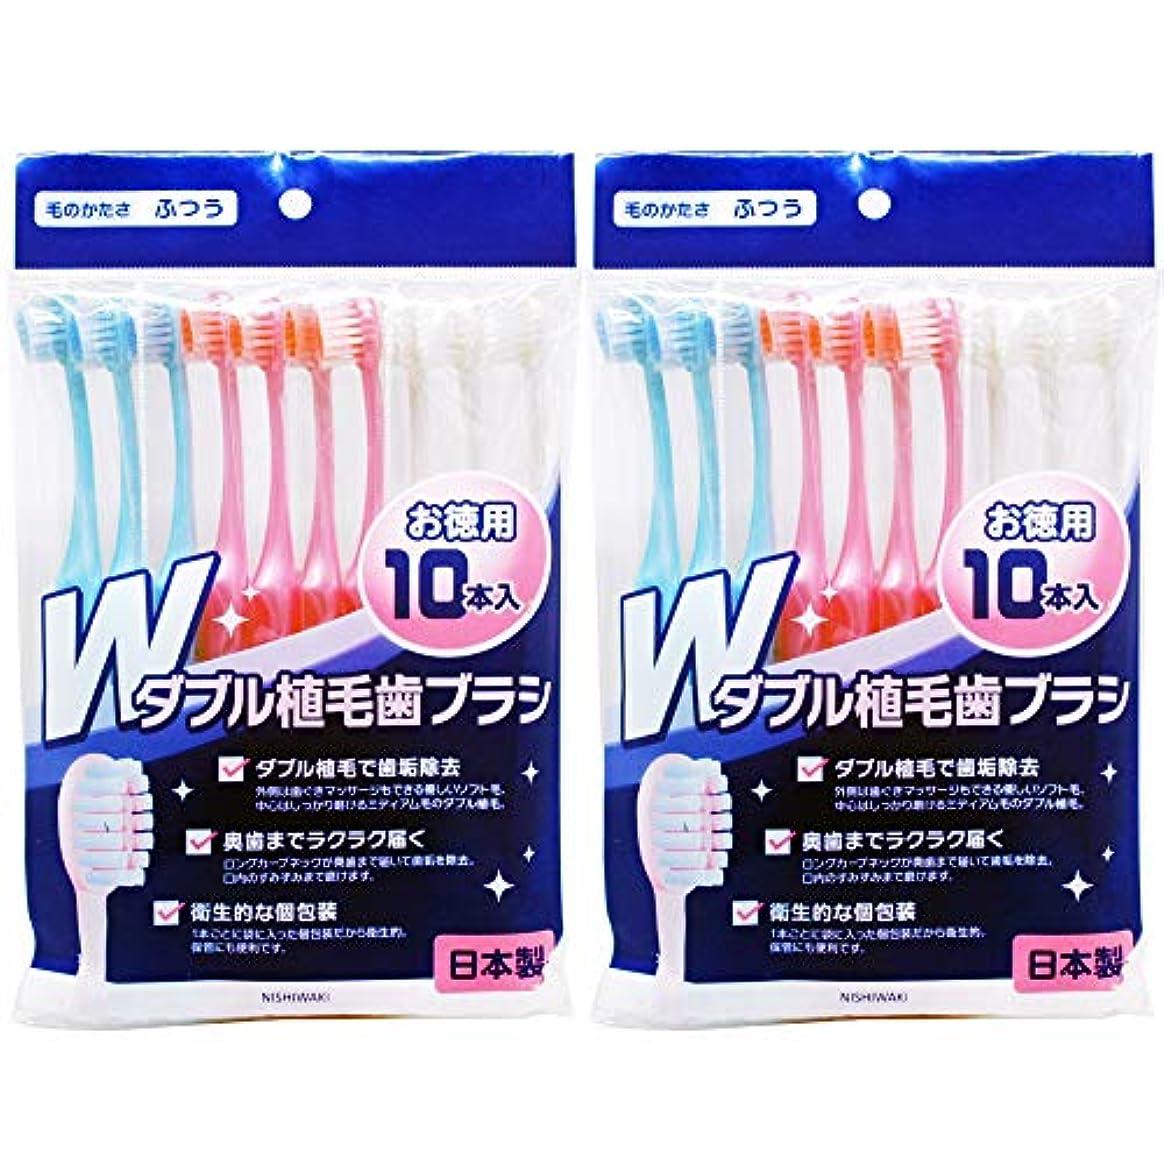 ソース検査官くしゃくしゃ歯ブラシ 日本製 20本セット「外側やわらか植毛歯ブラシ」